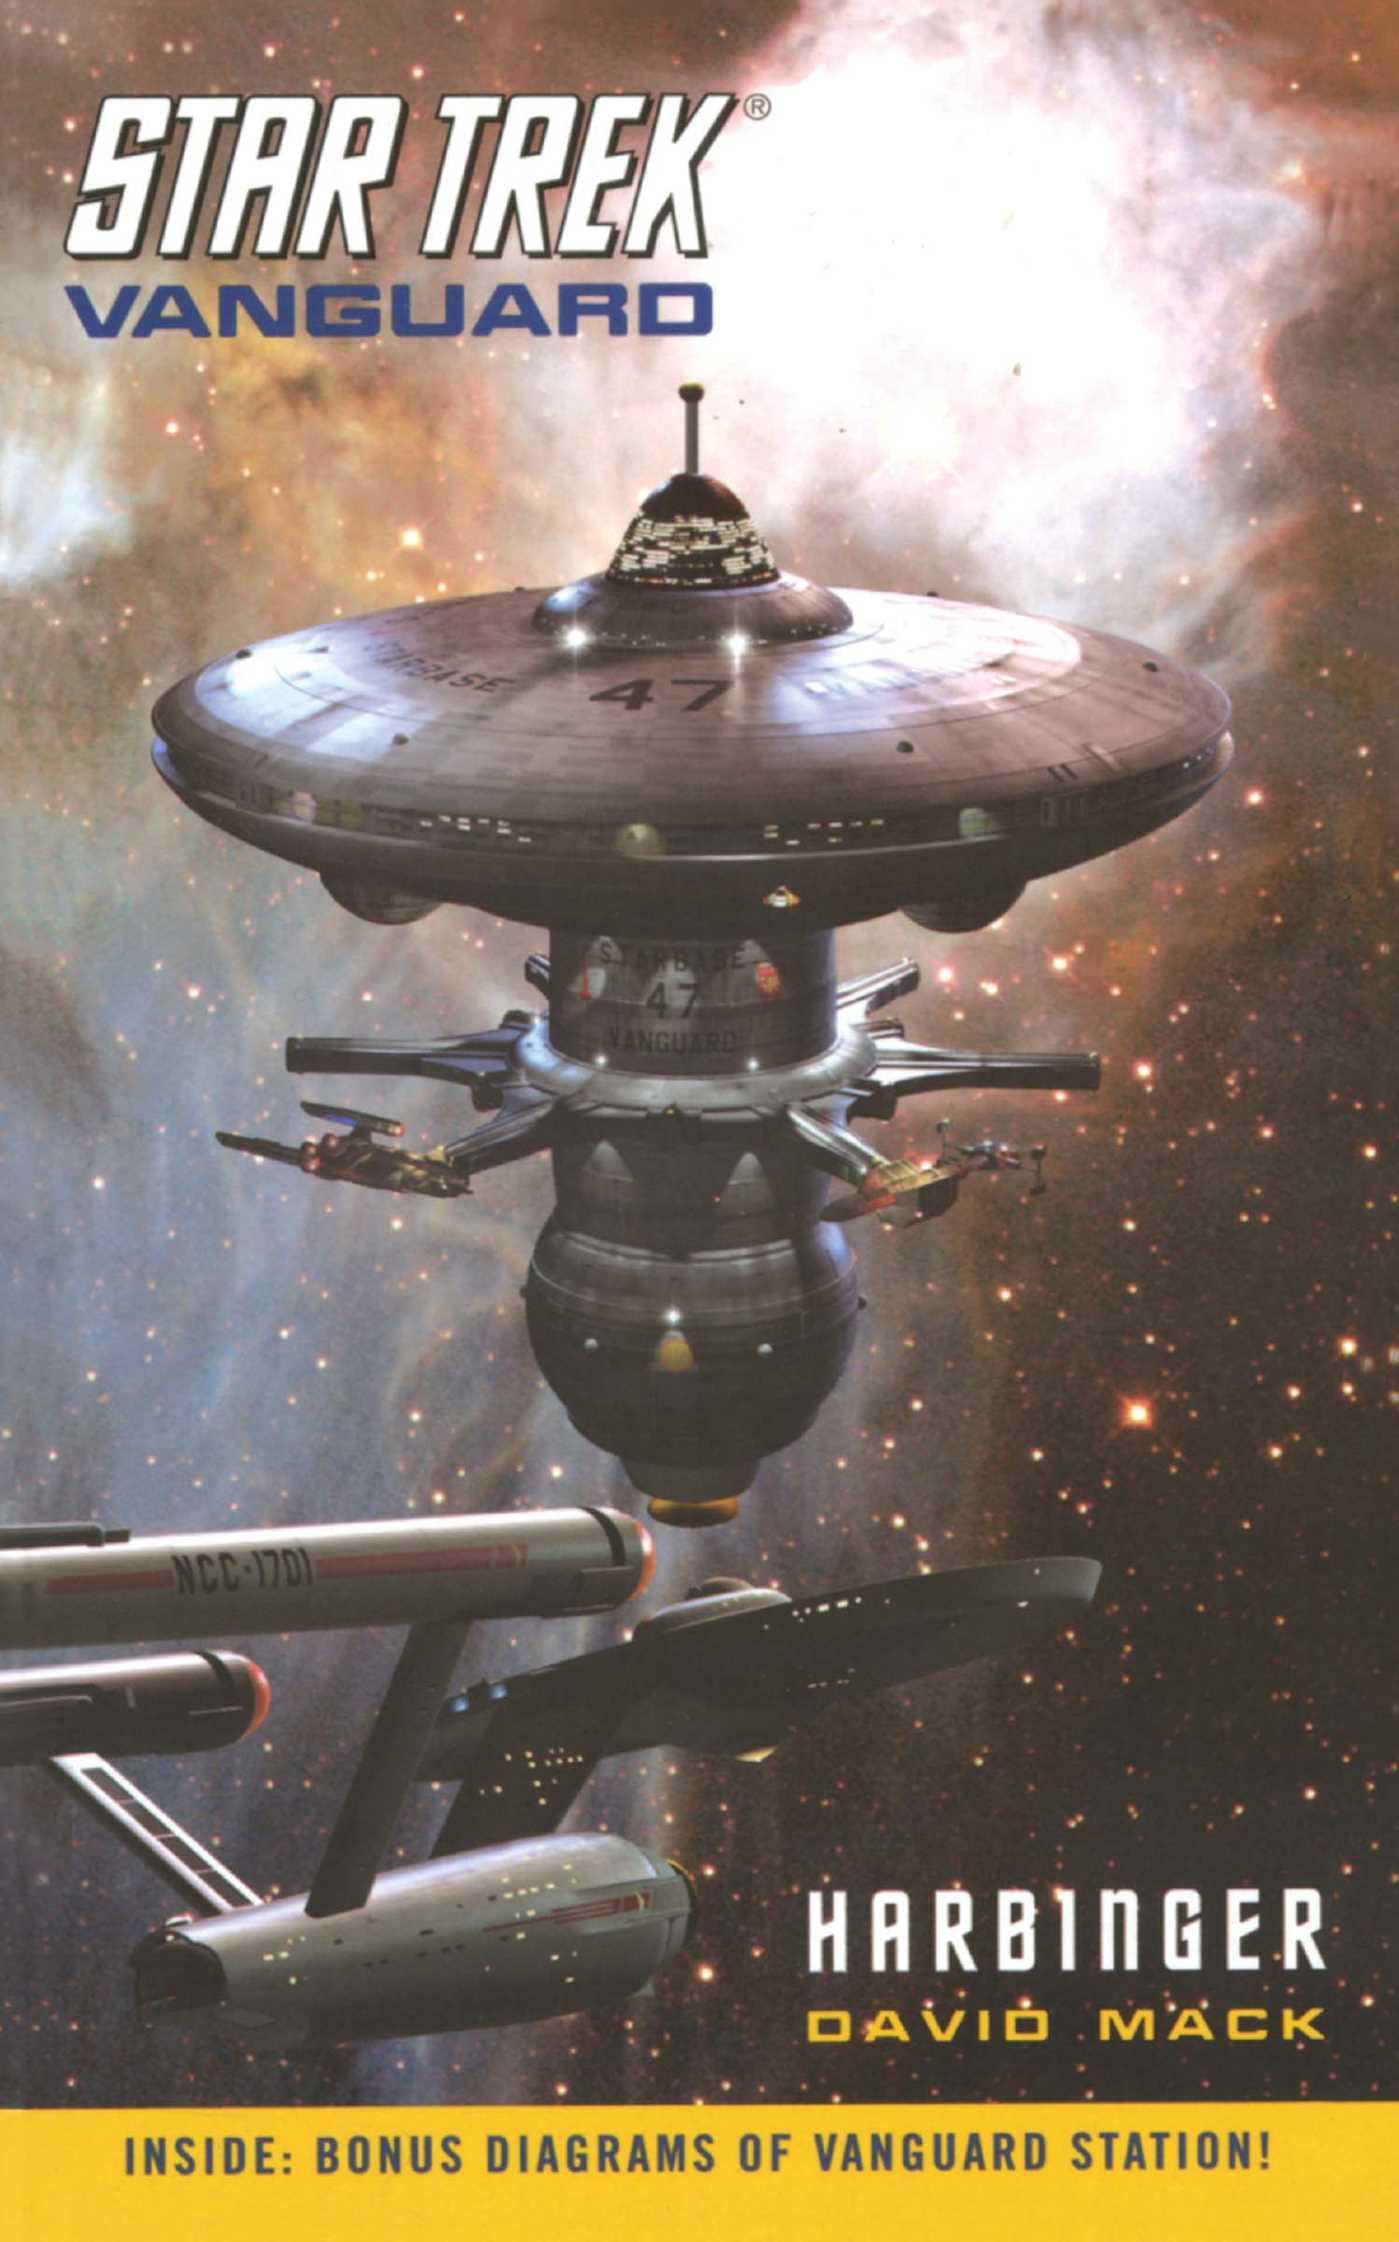 Star trek vanguard 1 harbinger 9781416521815 hr